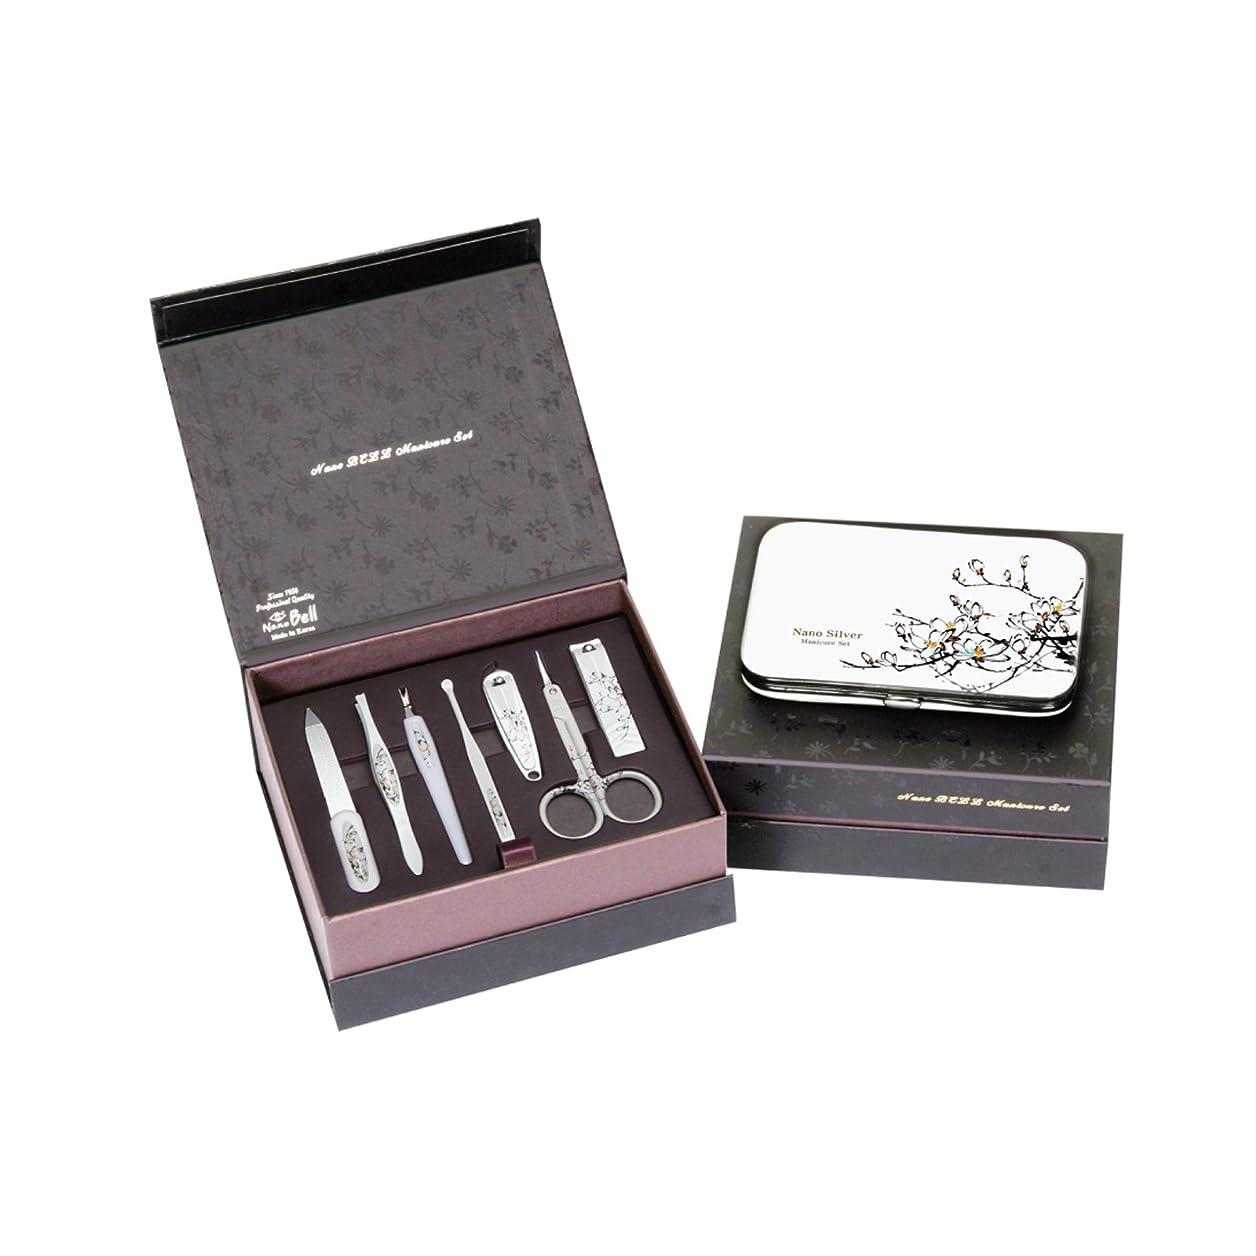 ゲートスツール惑星METAL BELL Manicure Sets BN-8177A ポータブル爪の管理セット爪切りセット 高品質のネイルケアセット高級感のある東洋画のデザイン Portable Nail Clippers Nail Care Set